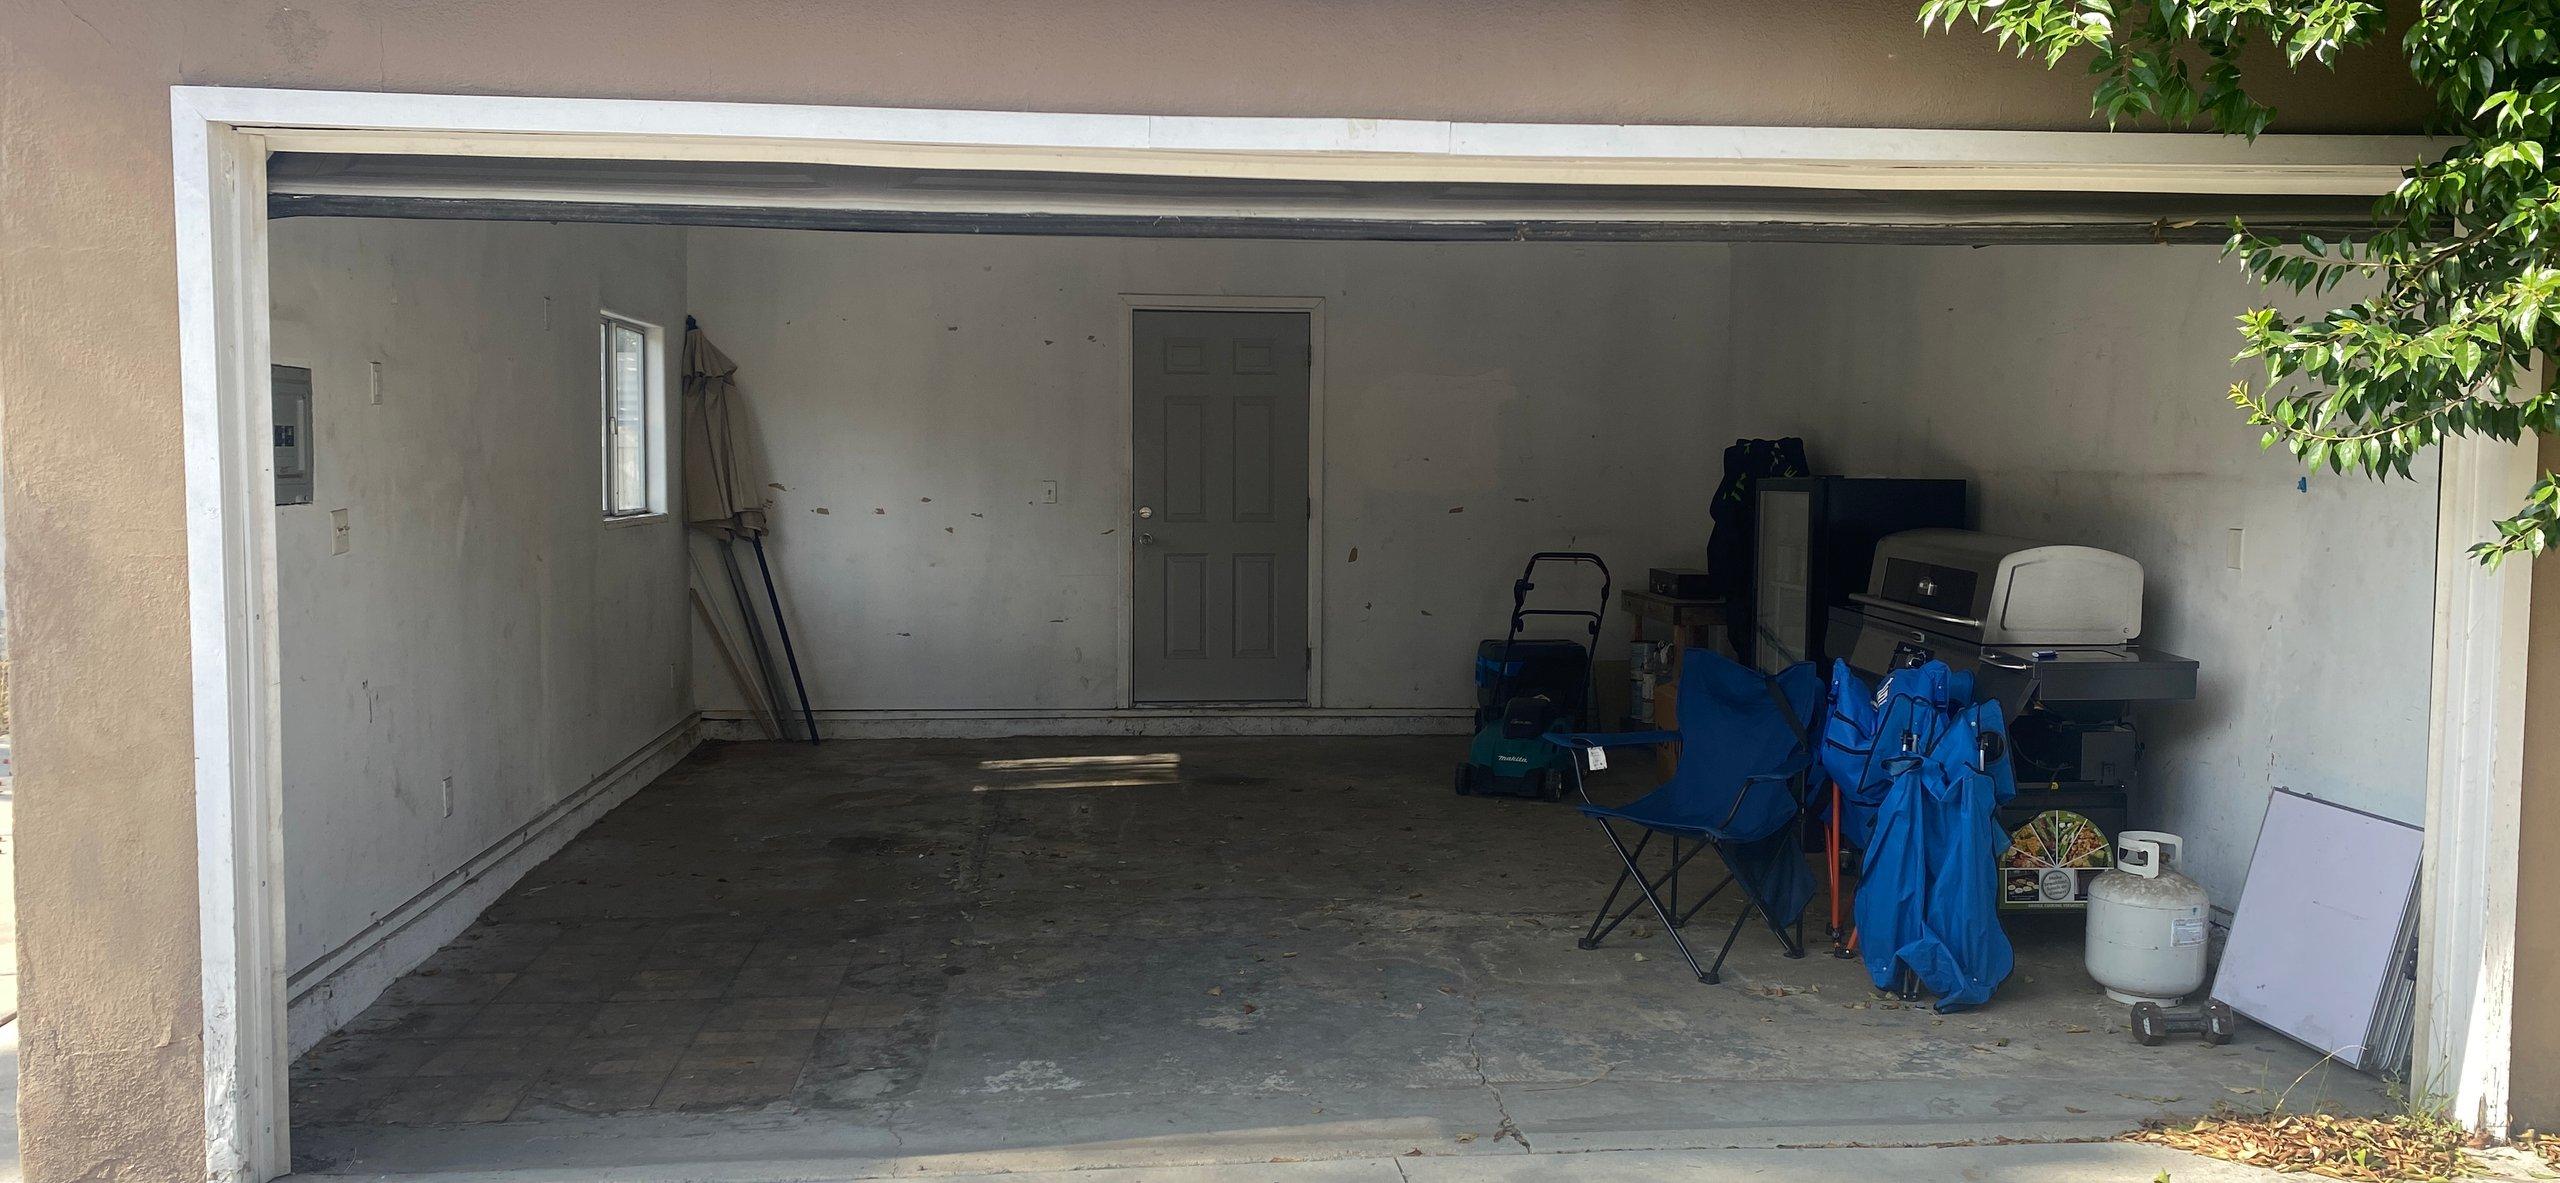 16x19 Garage self storage unit